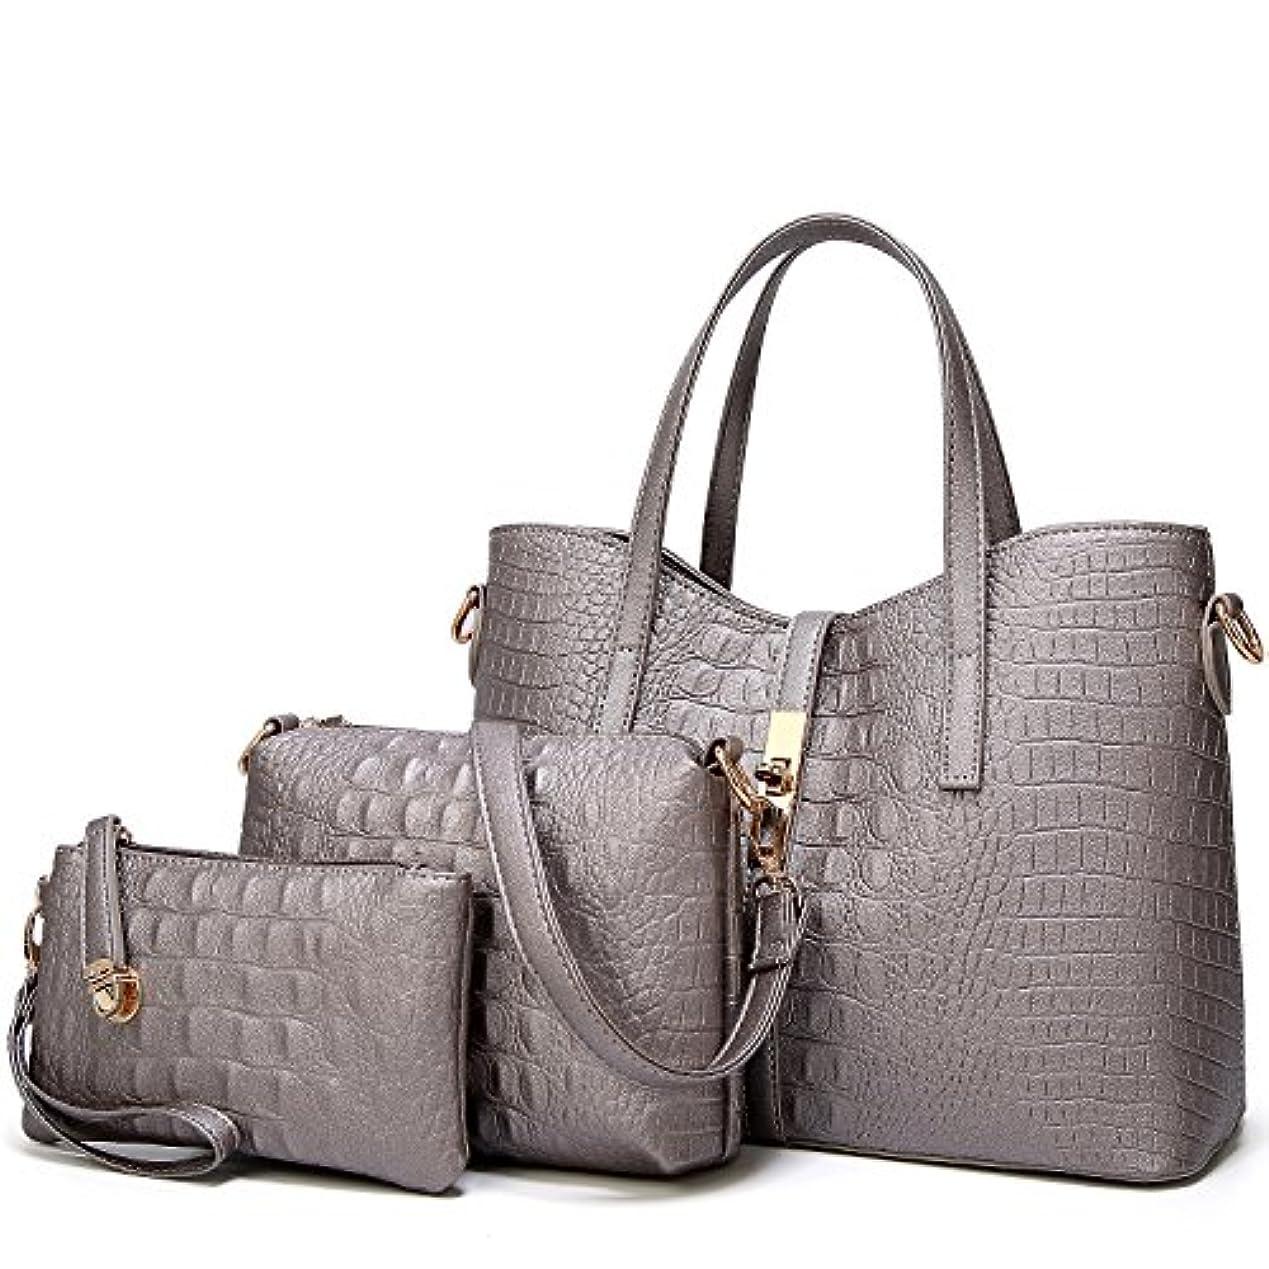 神秘的な哲学的思い出[TcIFE] ハンドバッグ レディース トートバッグ 大容量 無地 ショルダーバッグ 2way 財布とハンドバッグ